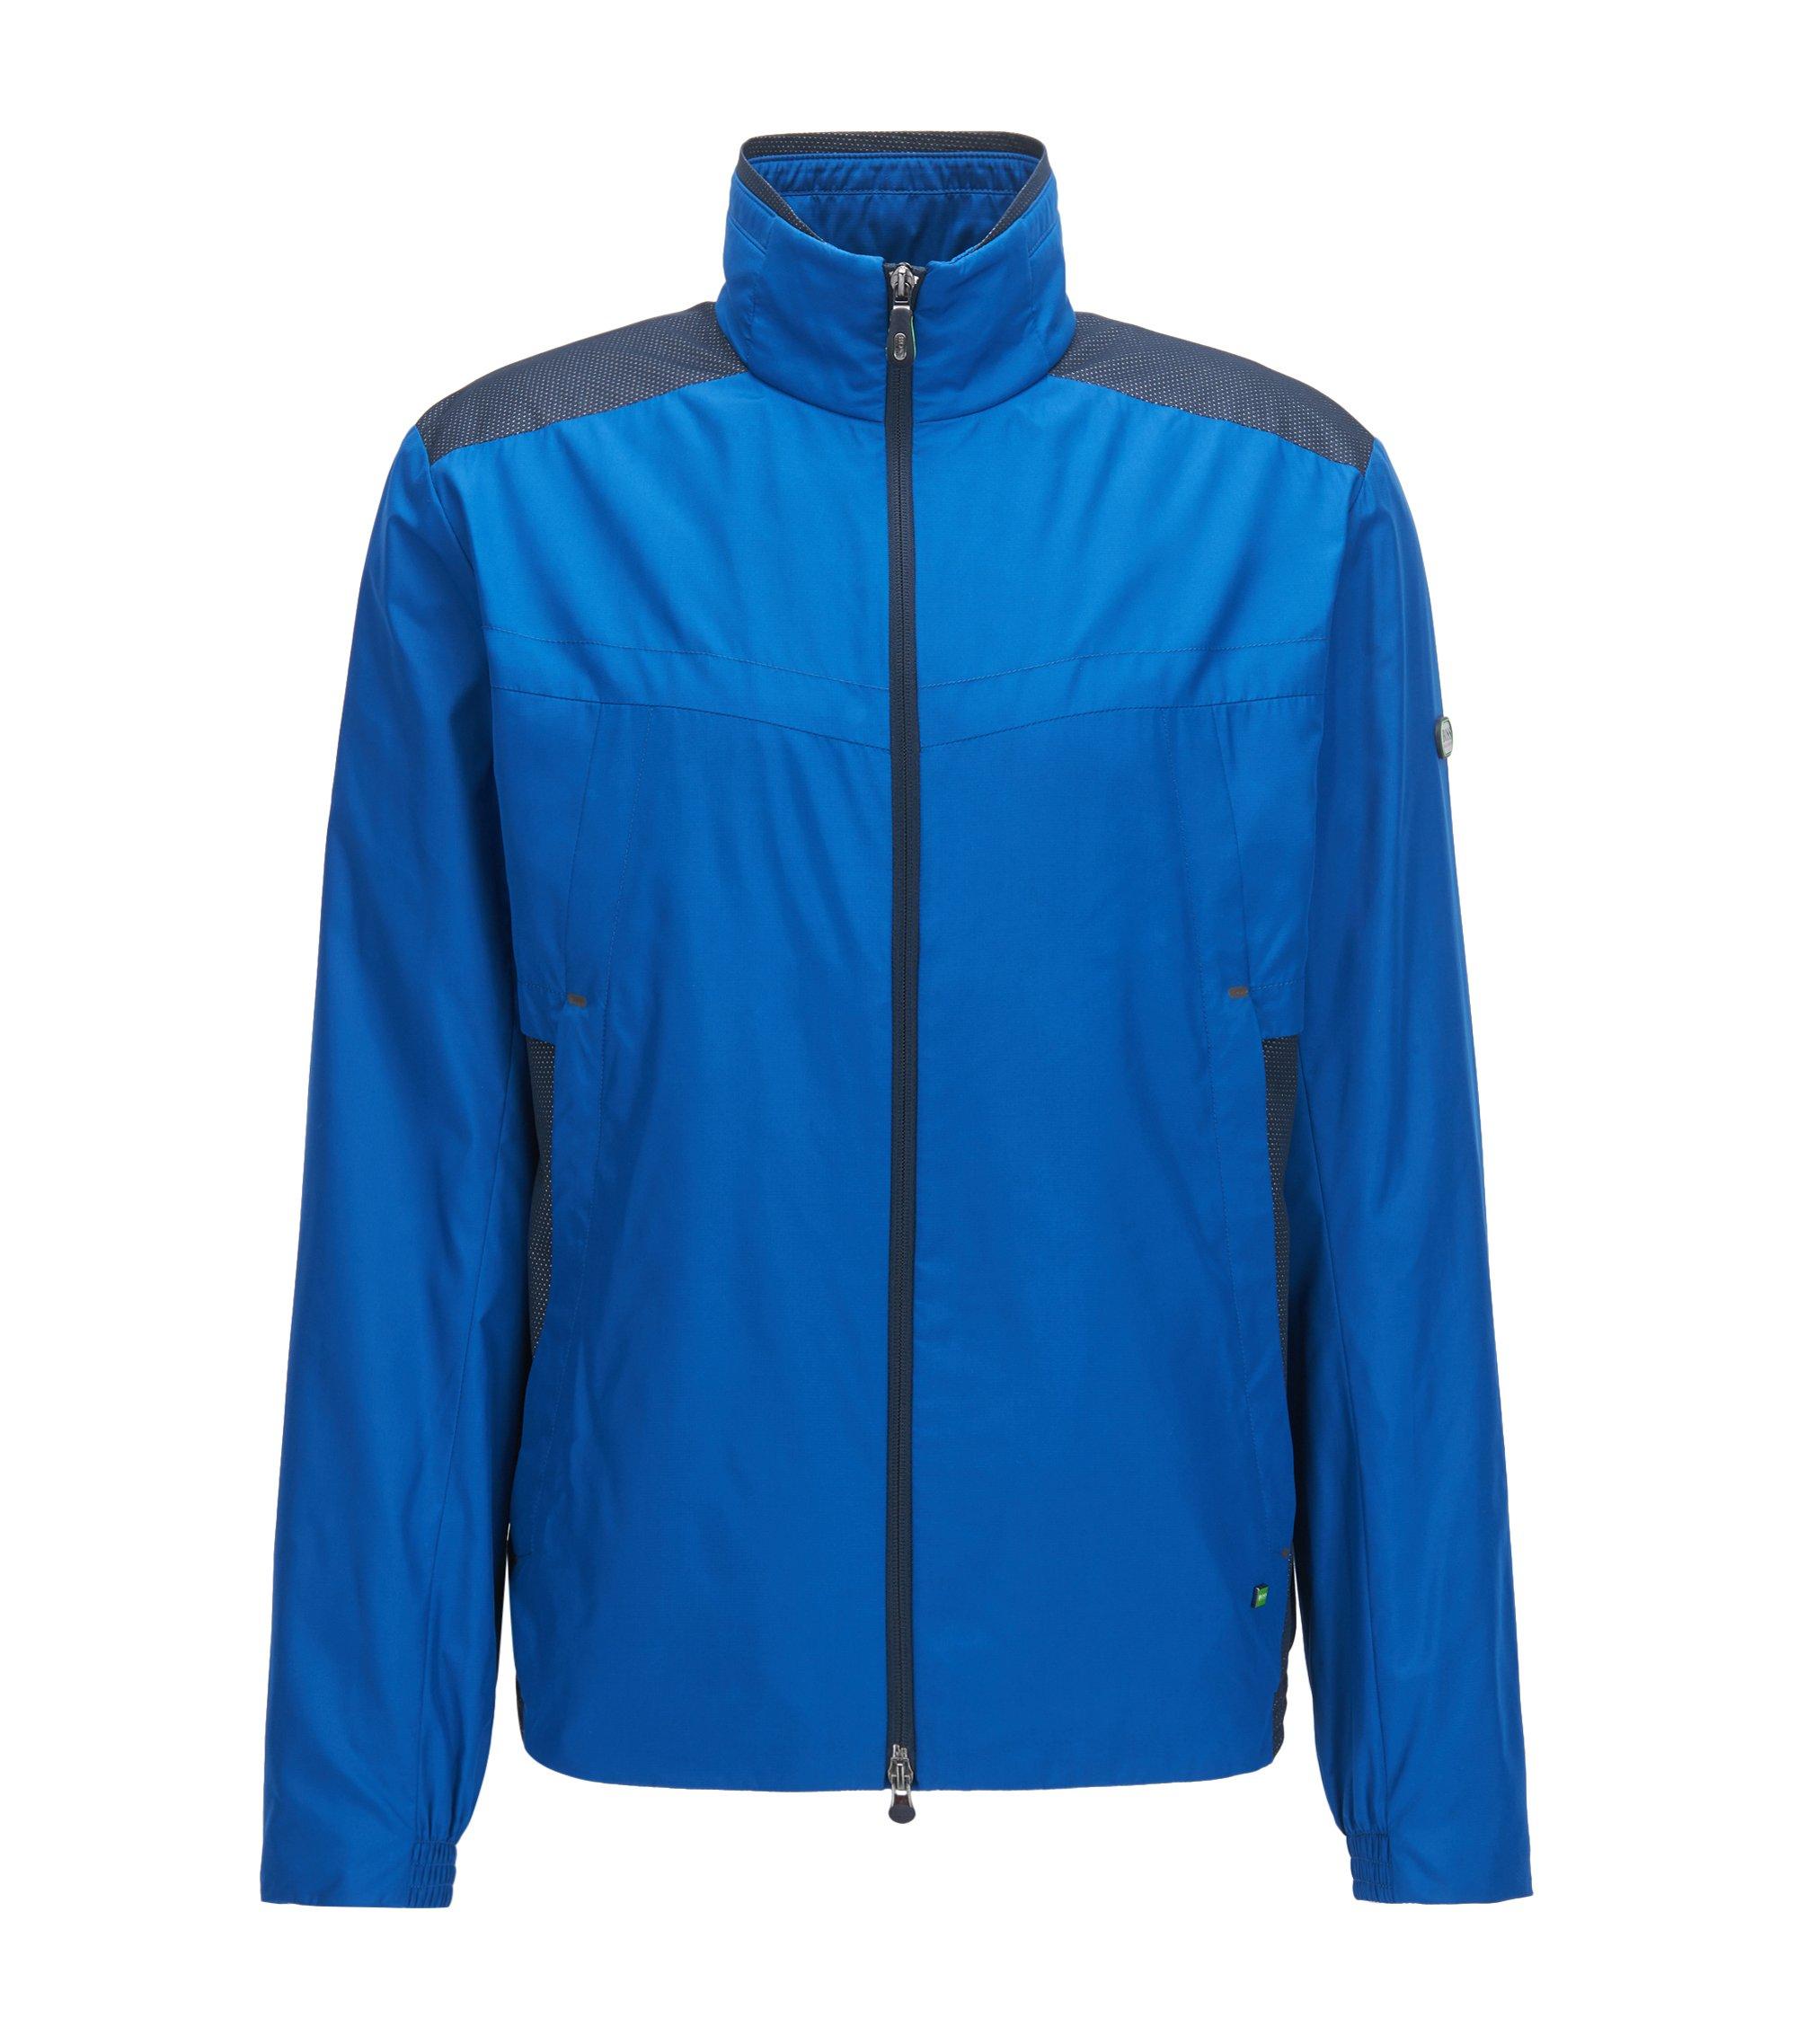 Wasserabweisende Jacke mit Schutz vor elektromagnetischen Strahlen, Blau